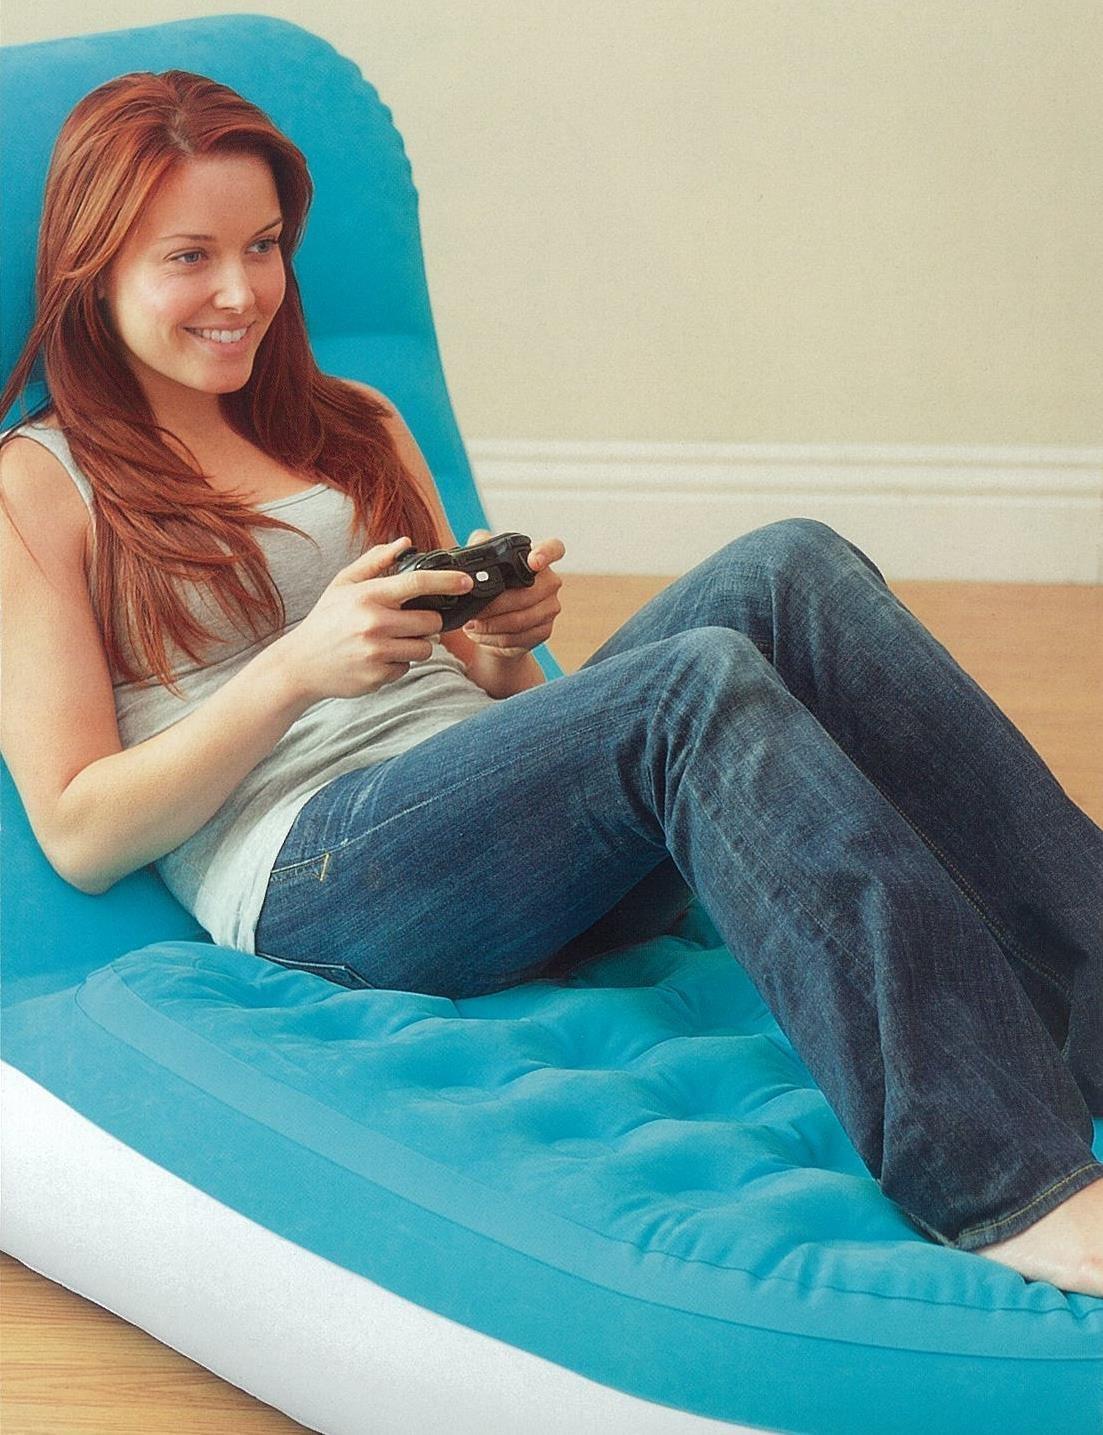 68880 Надувное кресло Splash Lounge Intex 68563, 84 x 170 x 81 см.